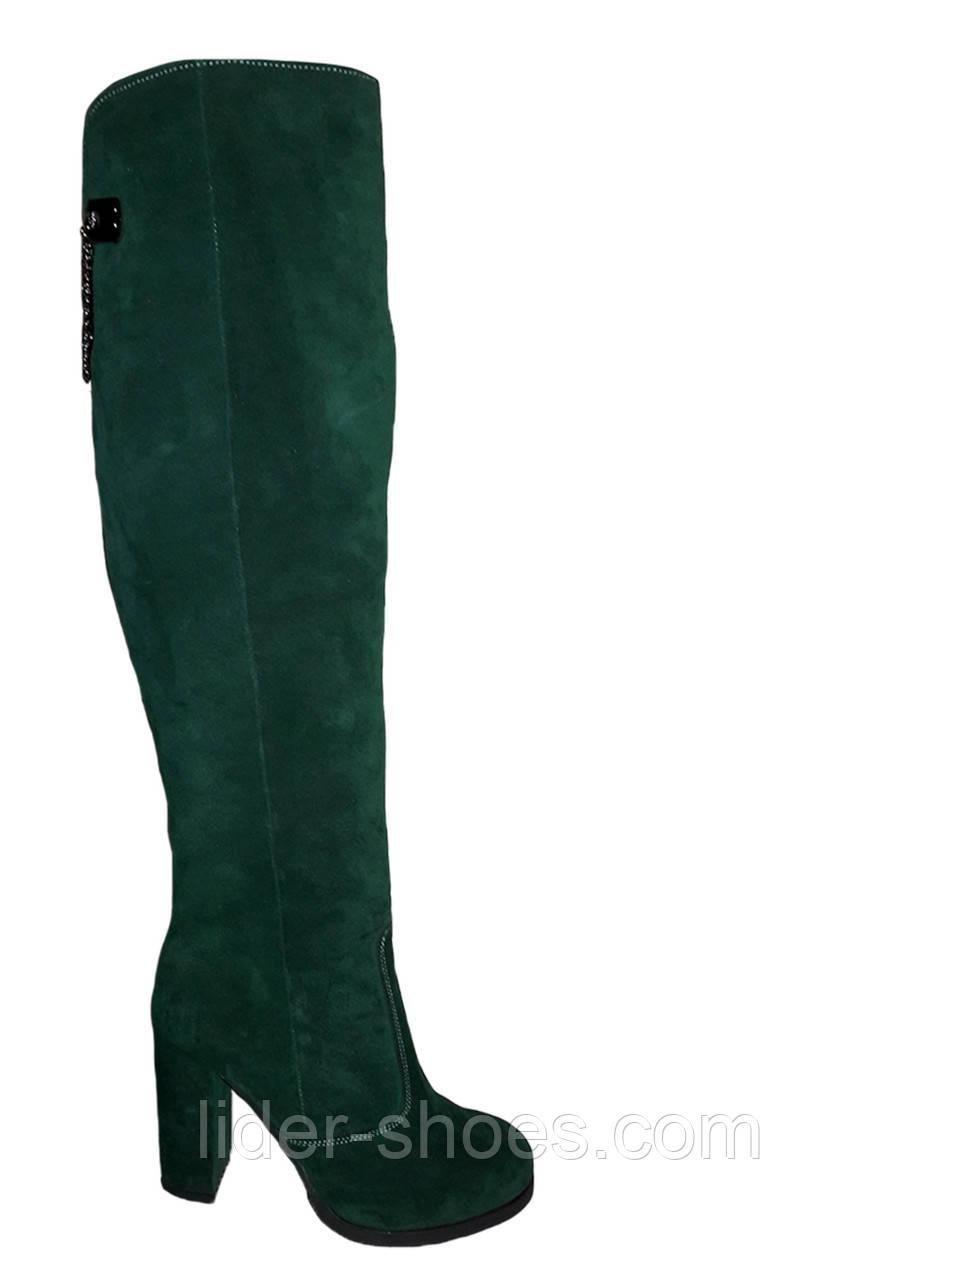 Женские зимние ботфорты на каблуке